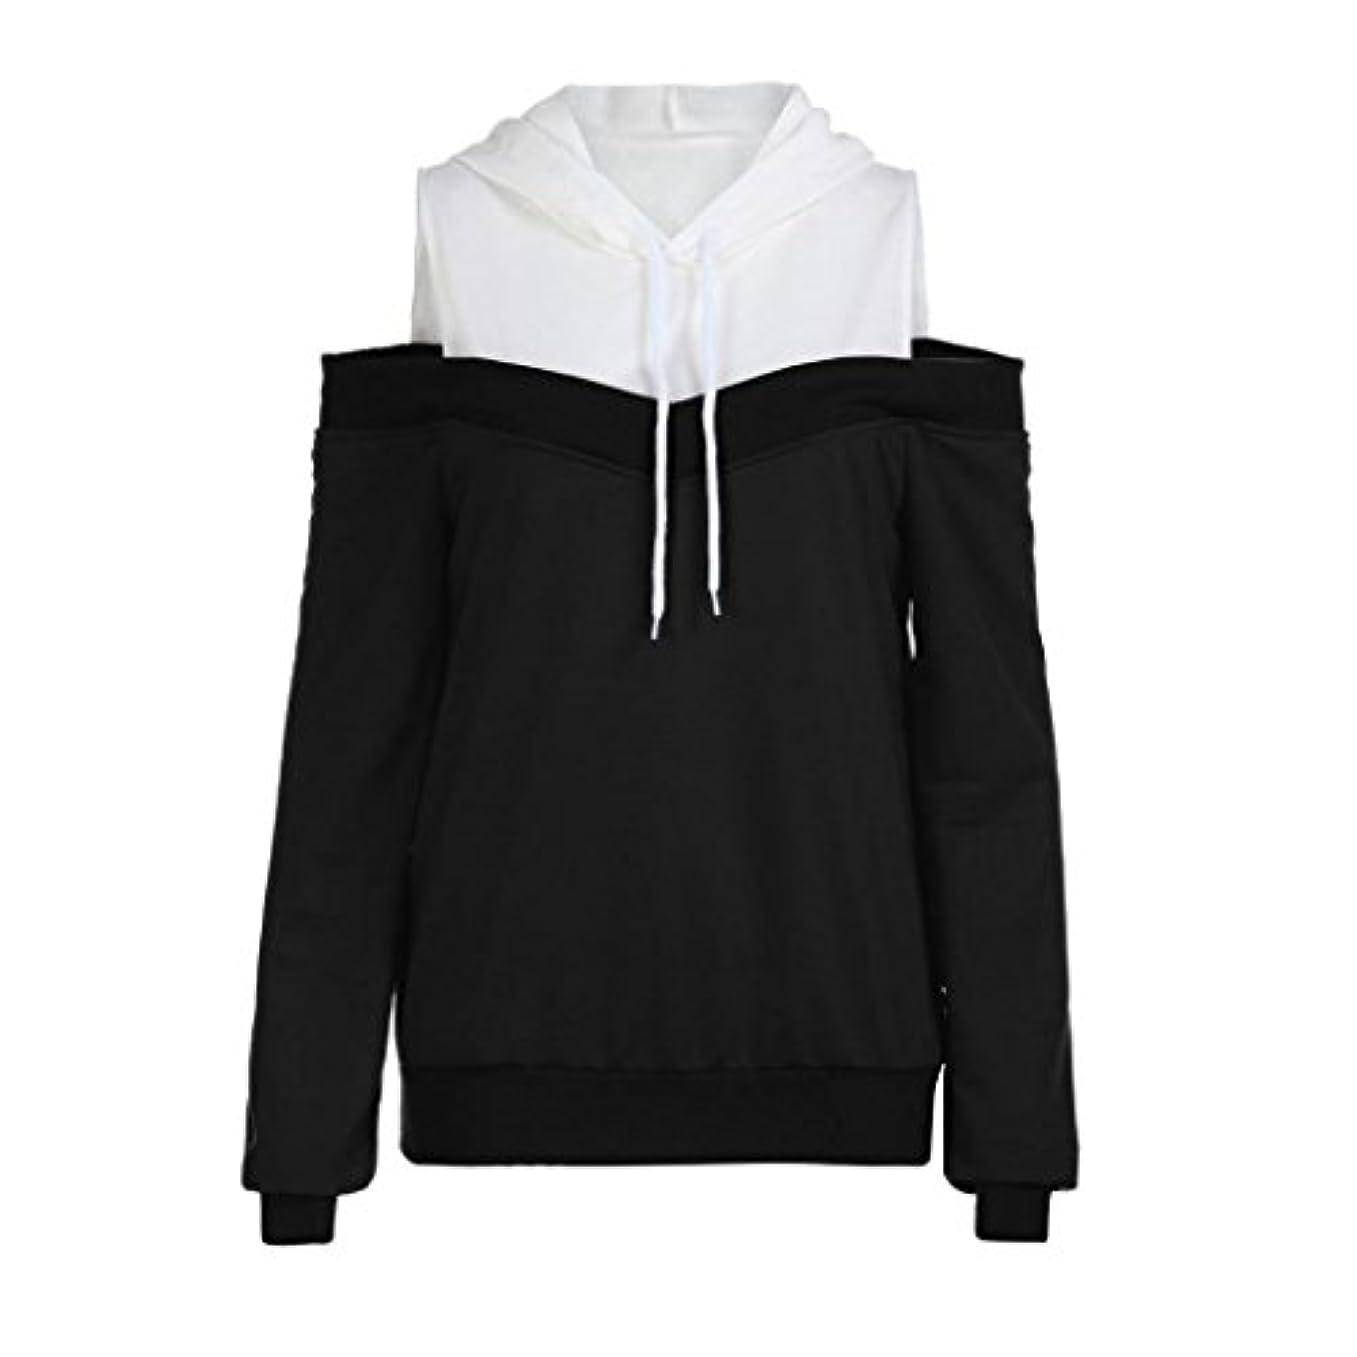 満足プット請求可能SakuraBest レディースファッションオフショルダーロングスリーブパーカースウェットシャツ